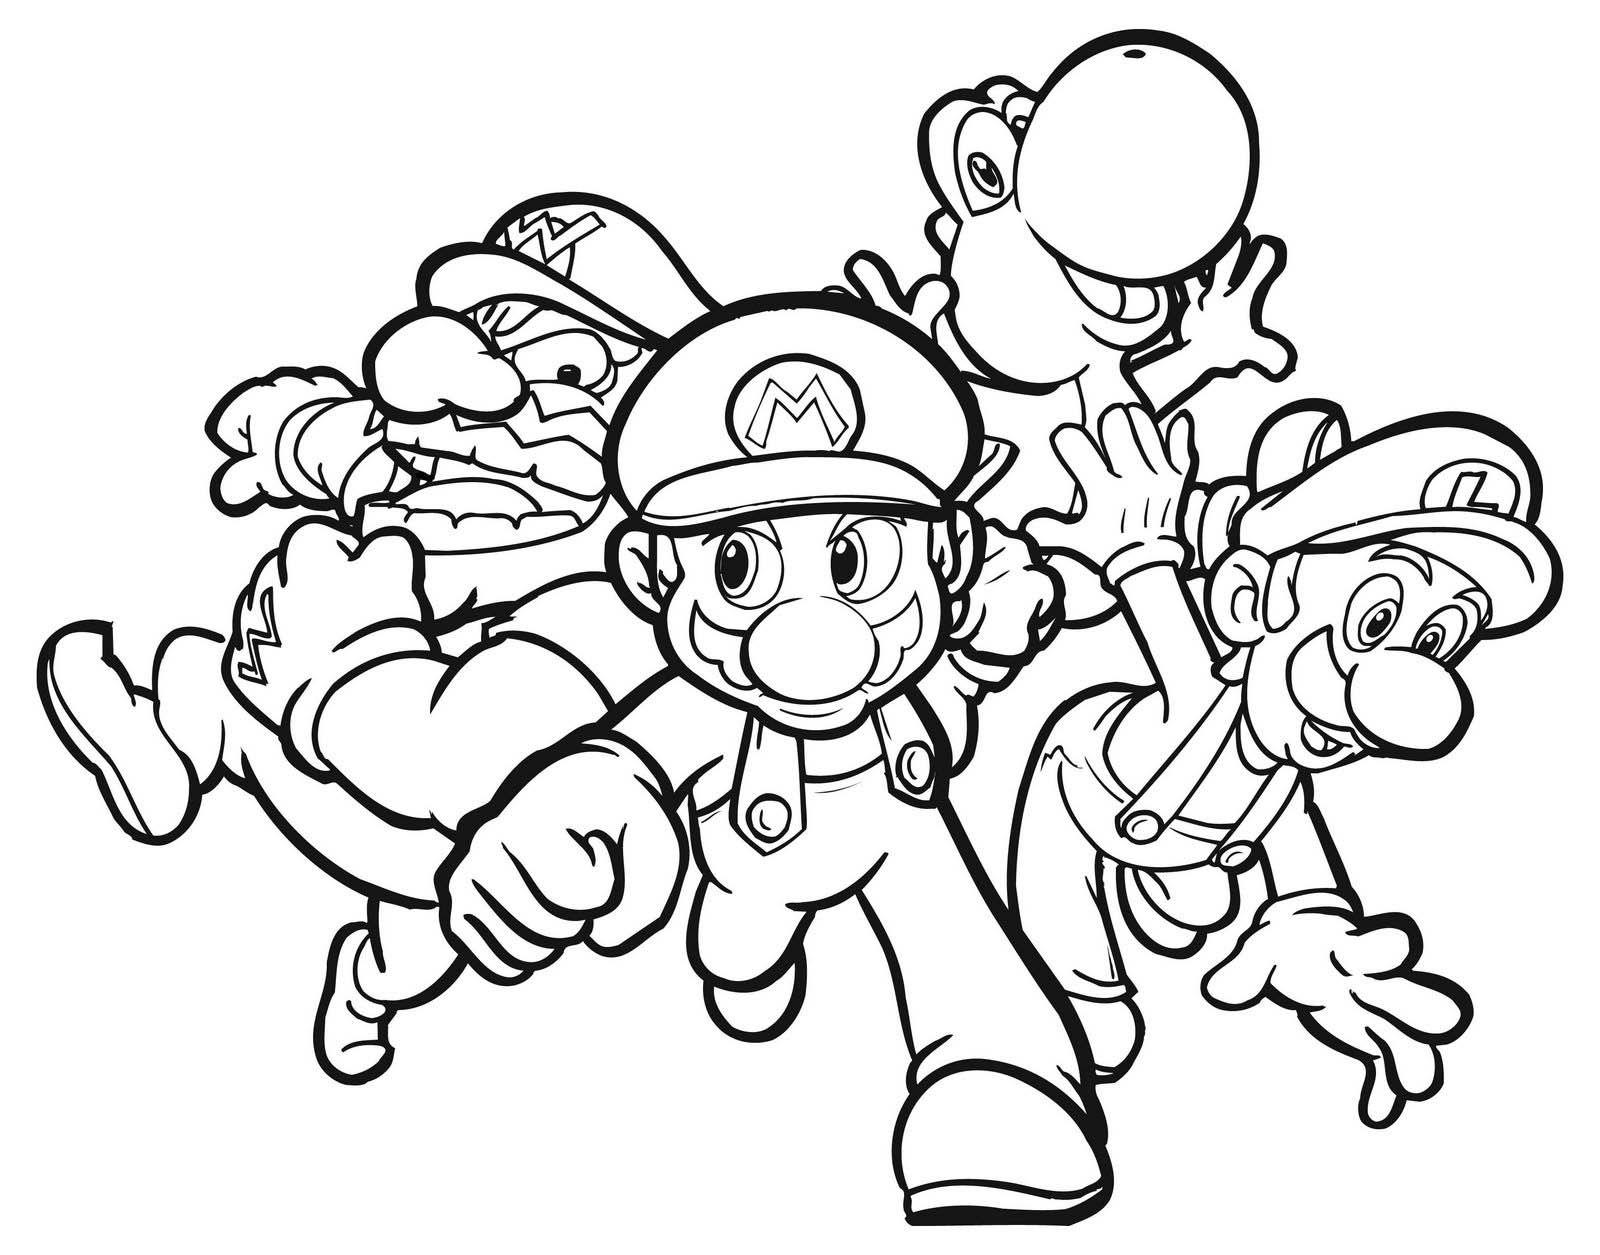 Mario brothers wario luigi yoshi nintendo color pages